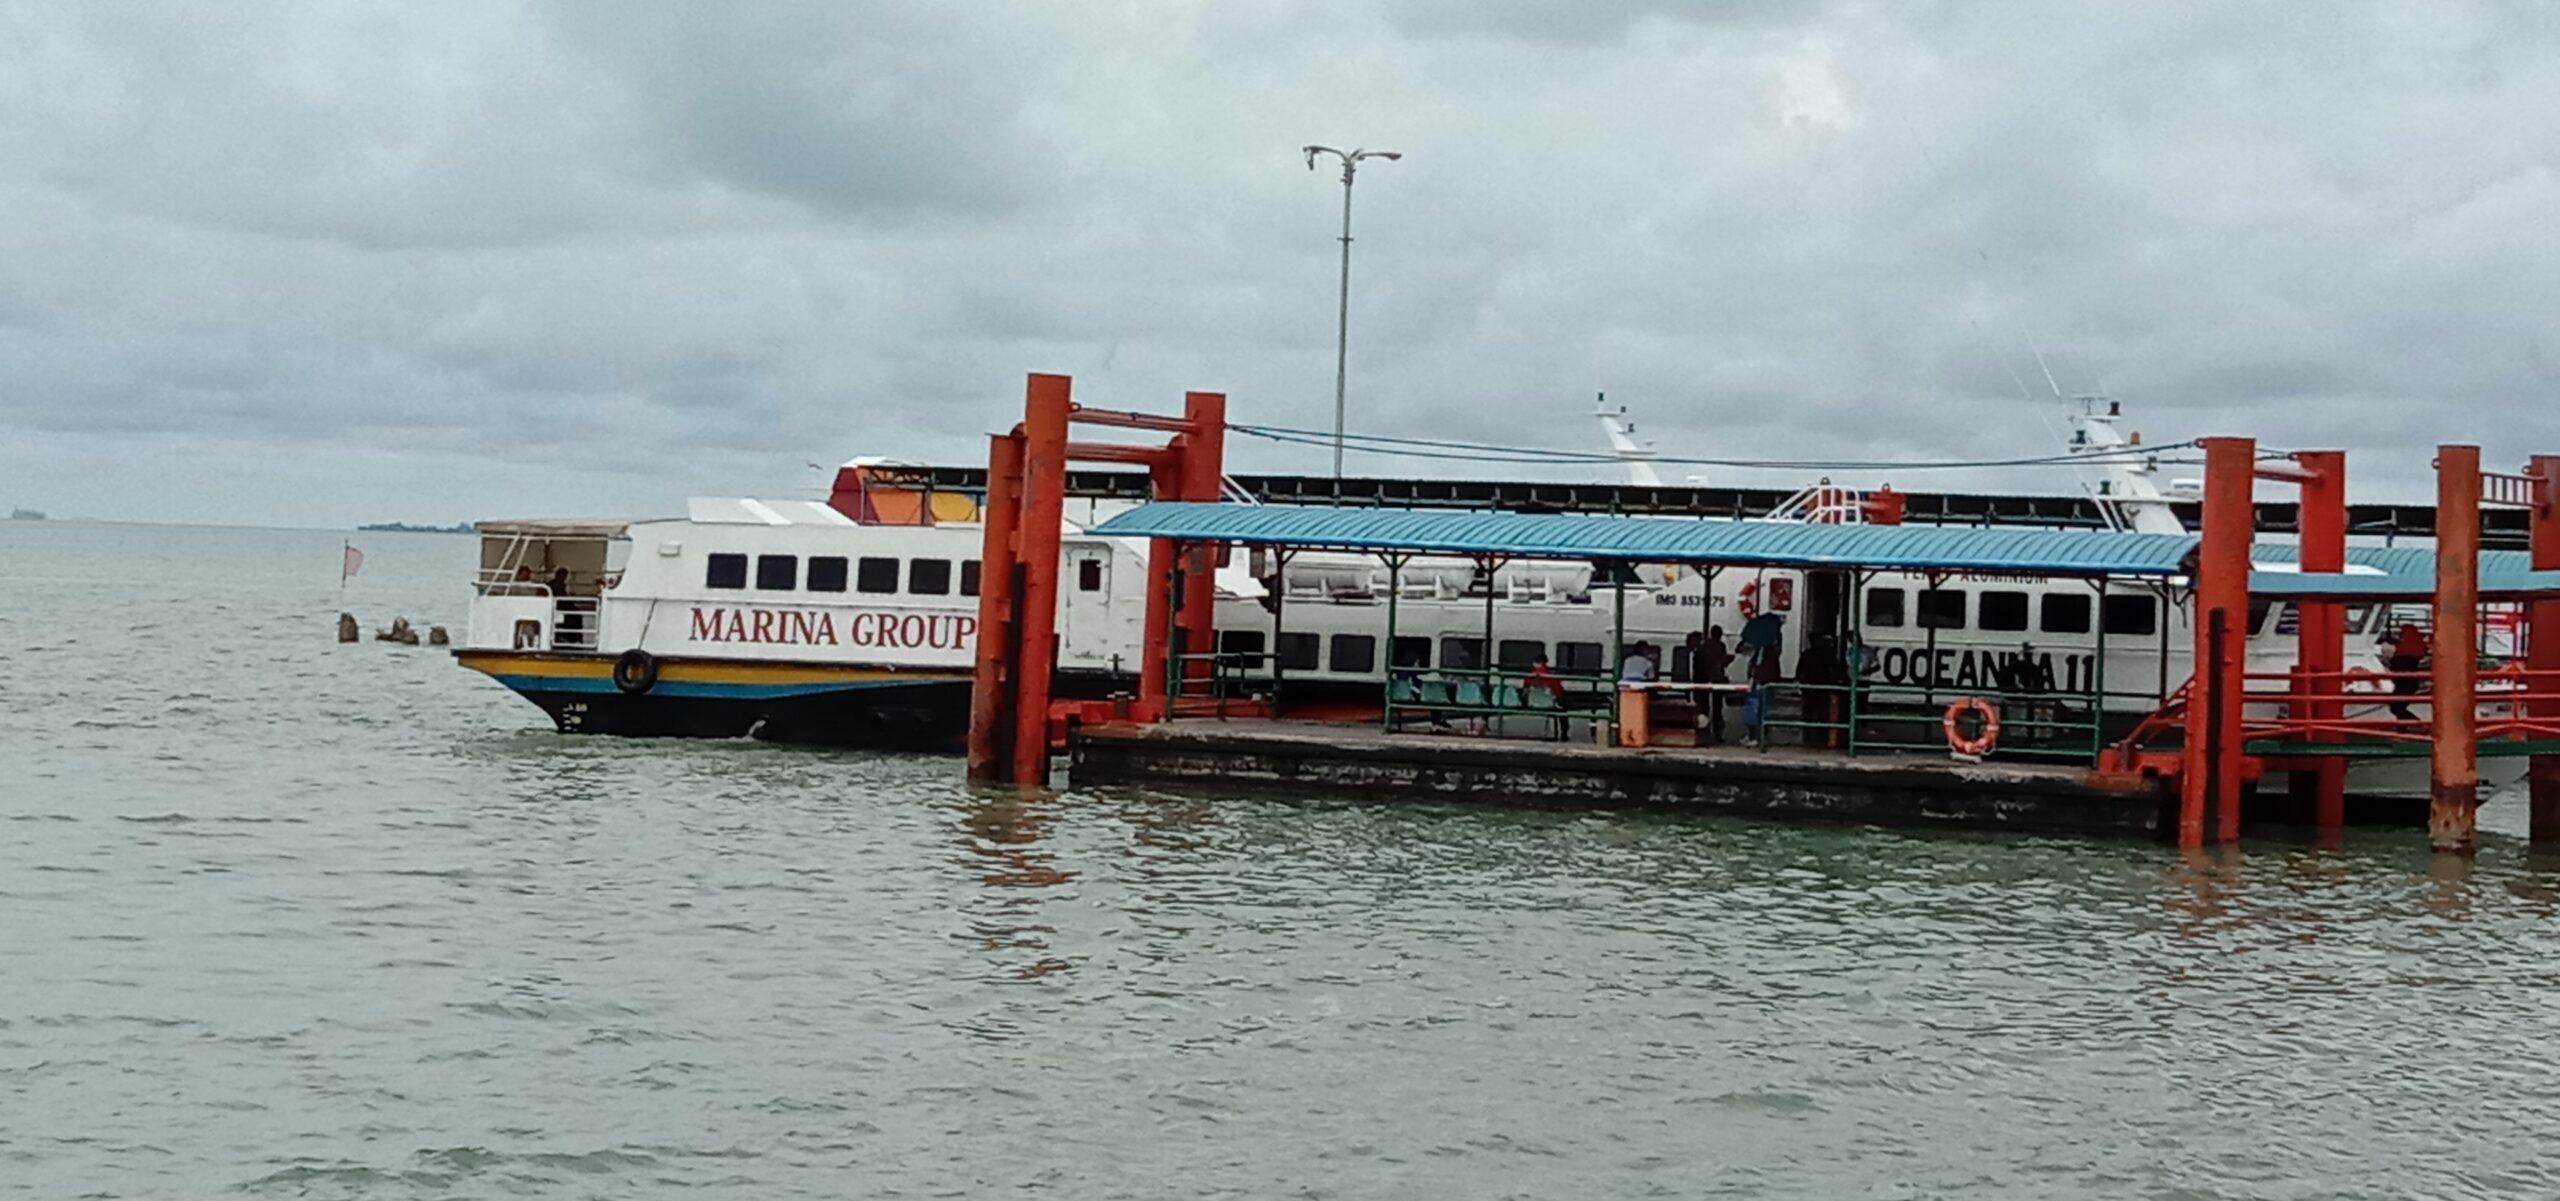 Foto Batam, larangan mudik, larangan mudik di kepri, Mudik Lebaran, pelabuhan punggur, Penumpang kapal feri, Surat edaran larangan mudik